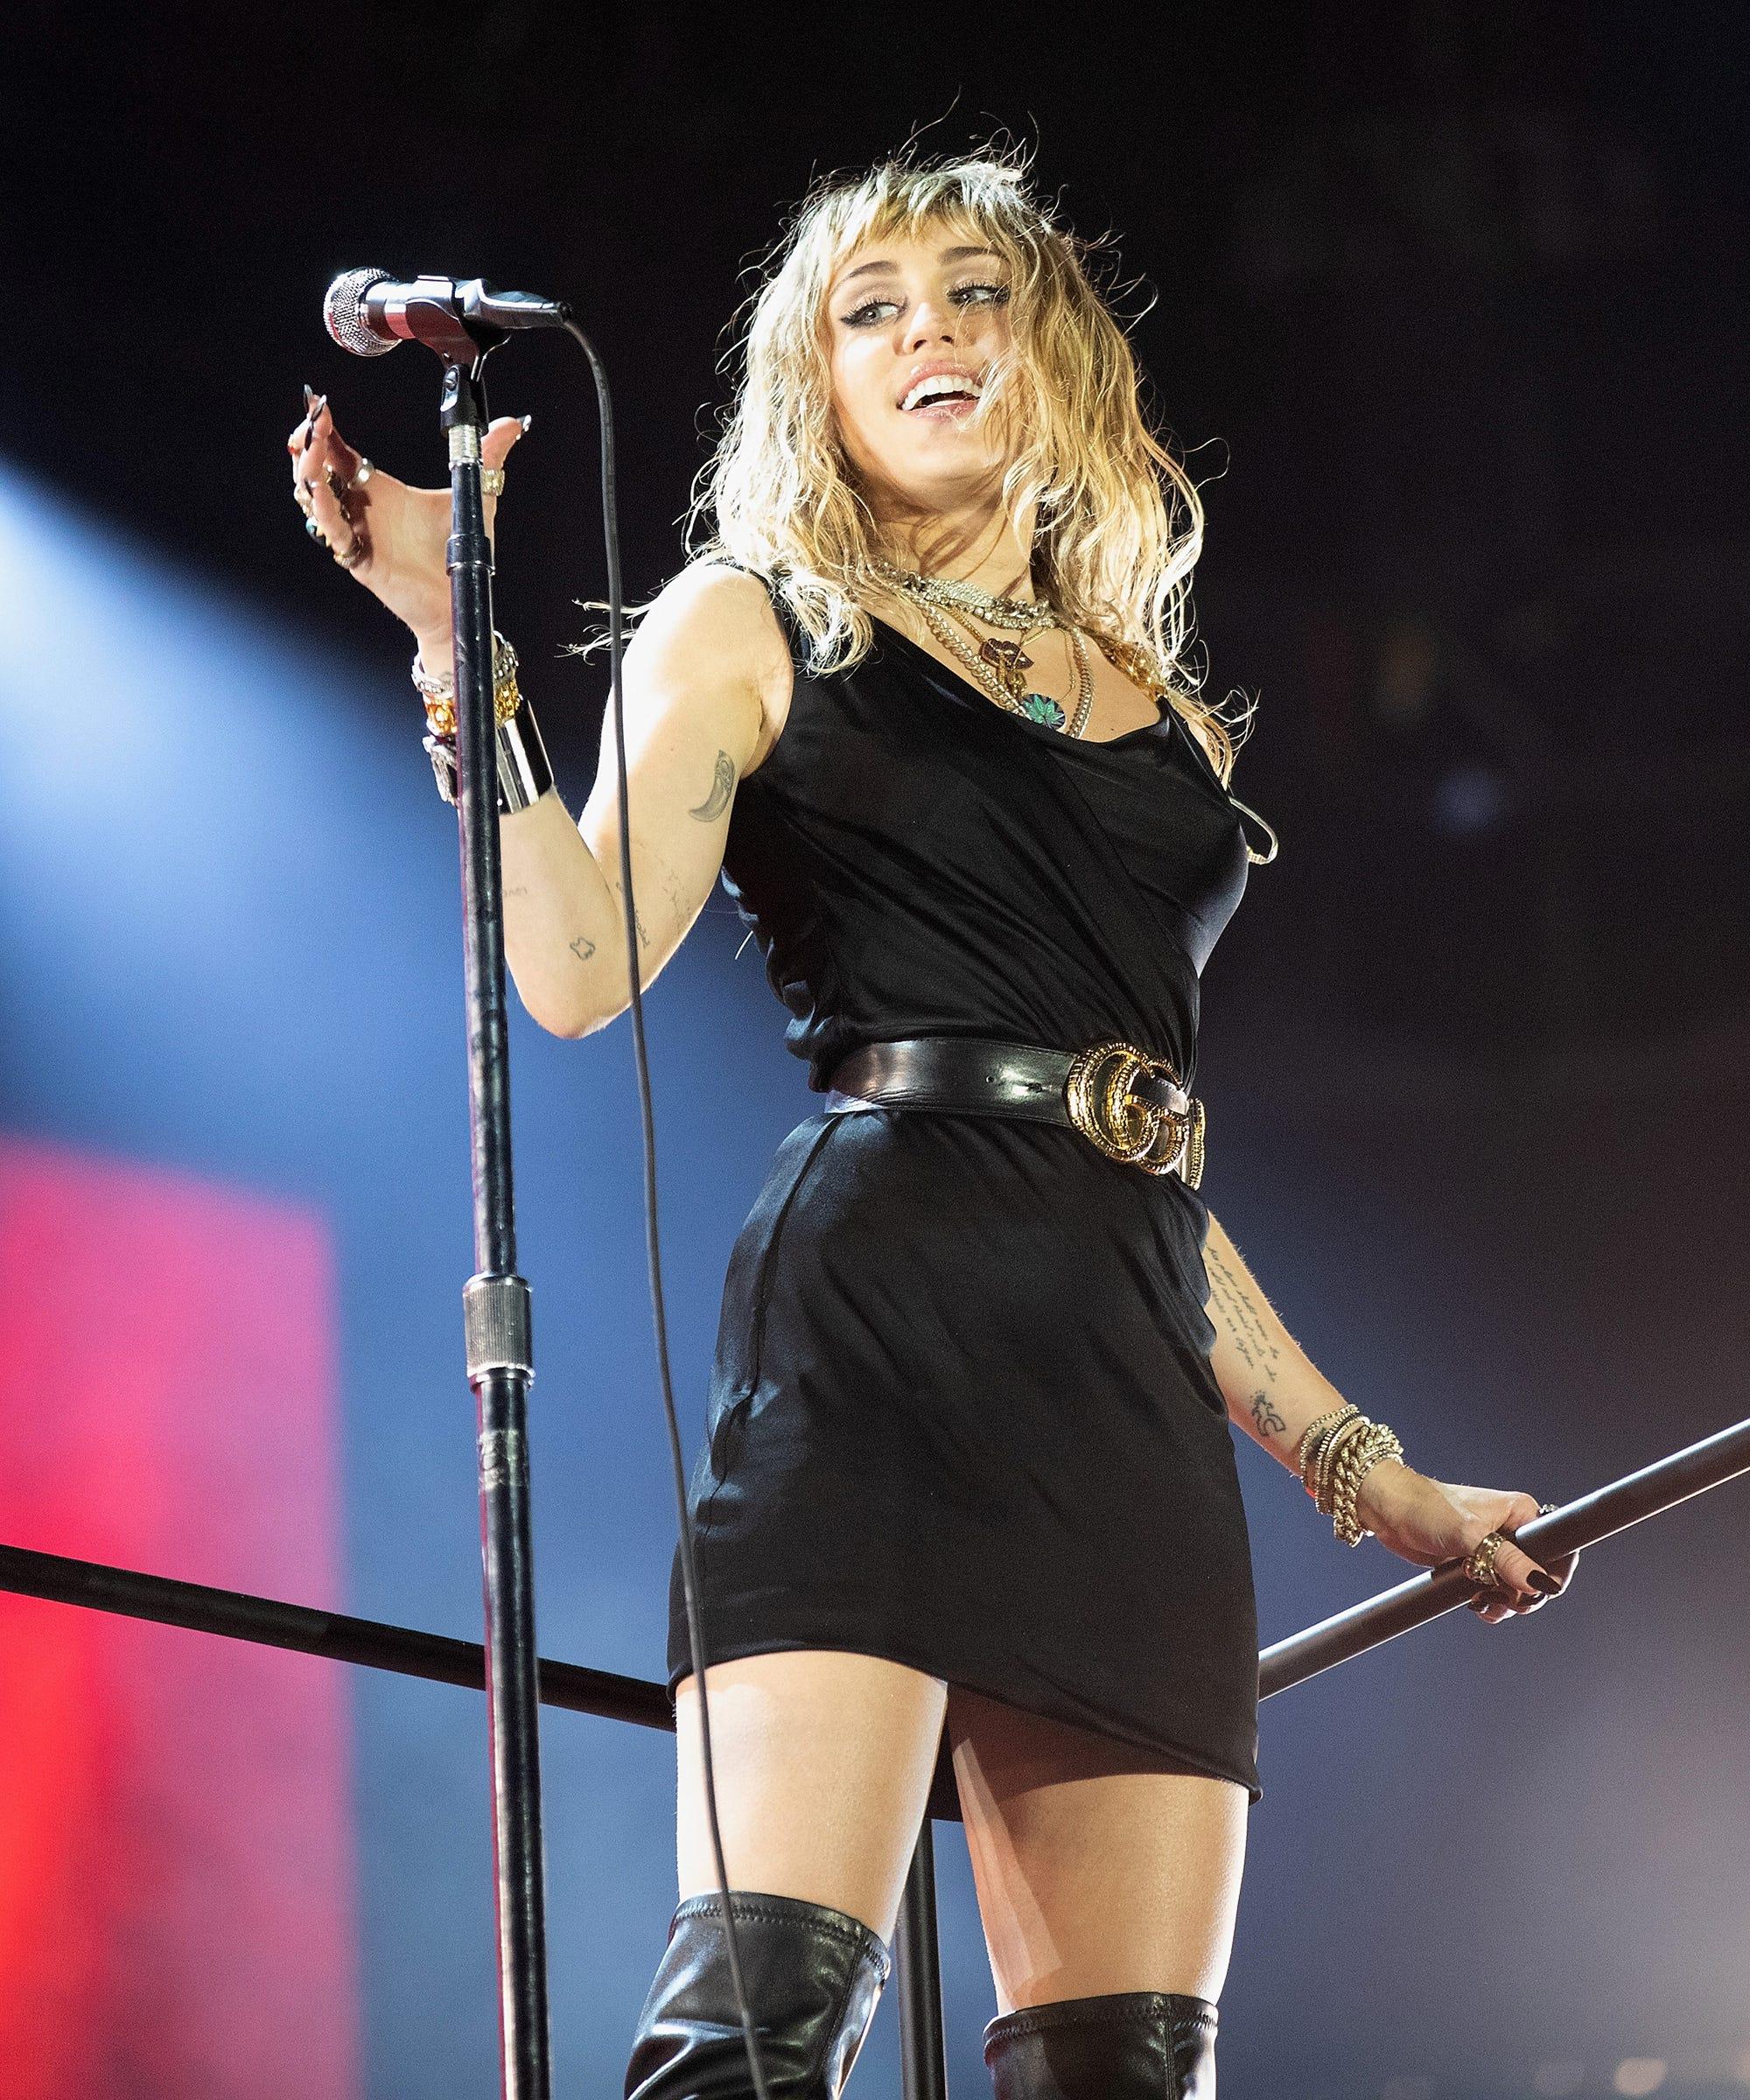 Miley Cyrus Black Mirror Episode Recap & Review: Ashley